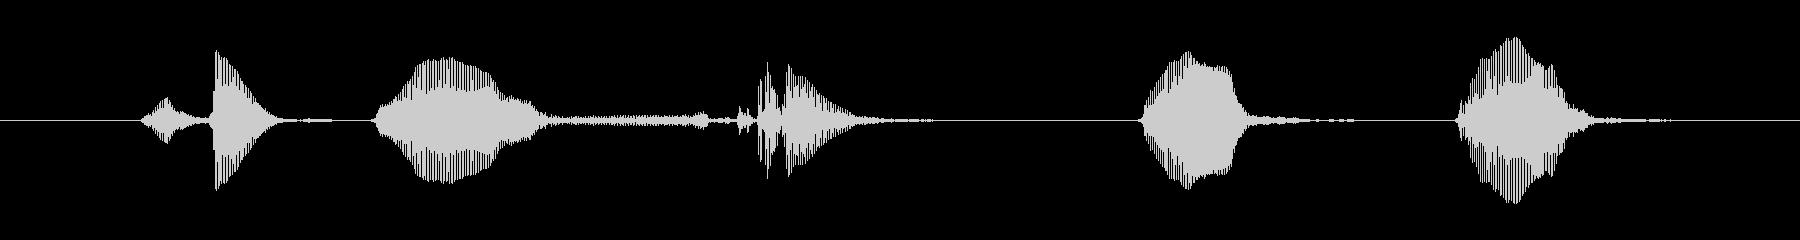 ワン…ワンワン!(犬の鳴き声)の未再生の波形